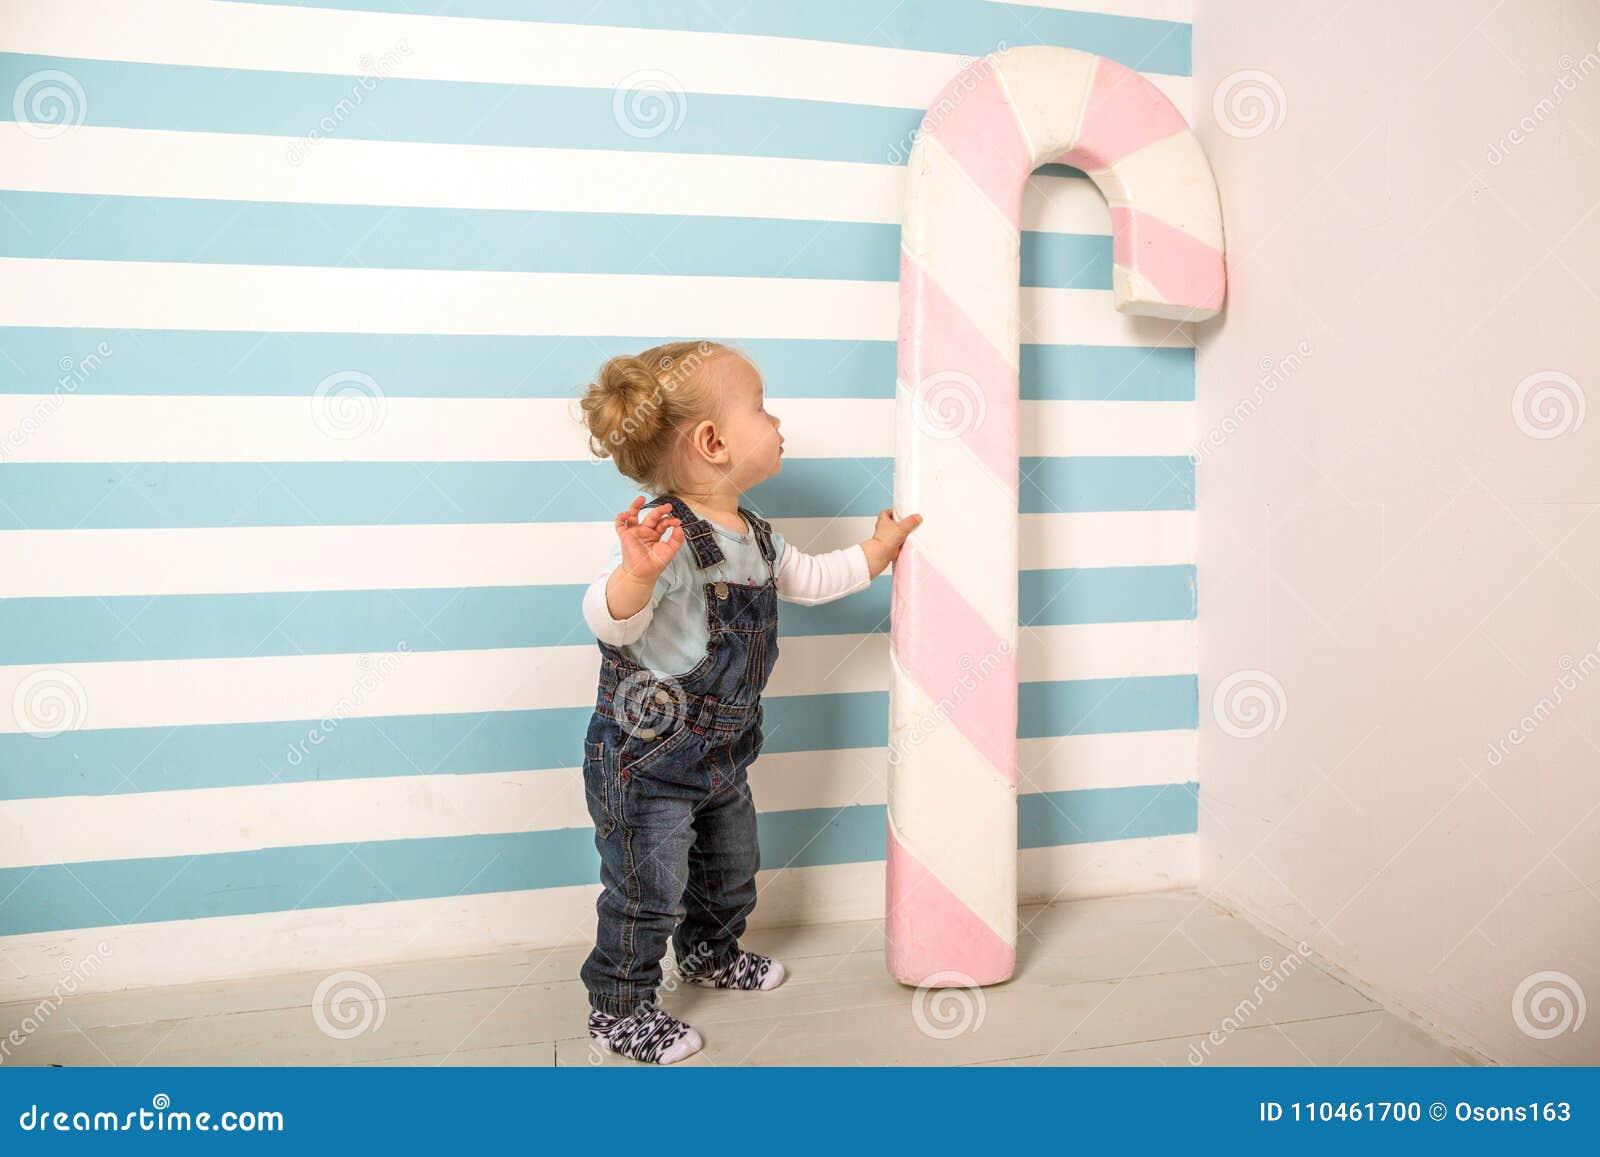 Lilla flickan står nära en randig bakgrund med en stor godis